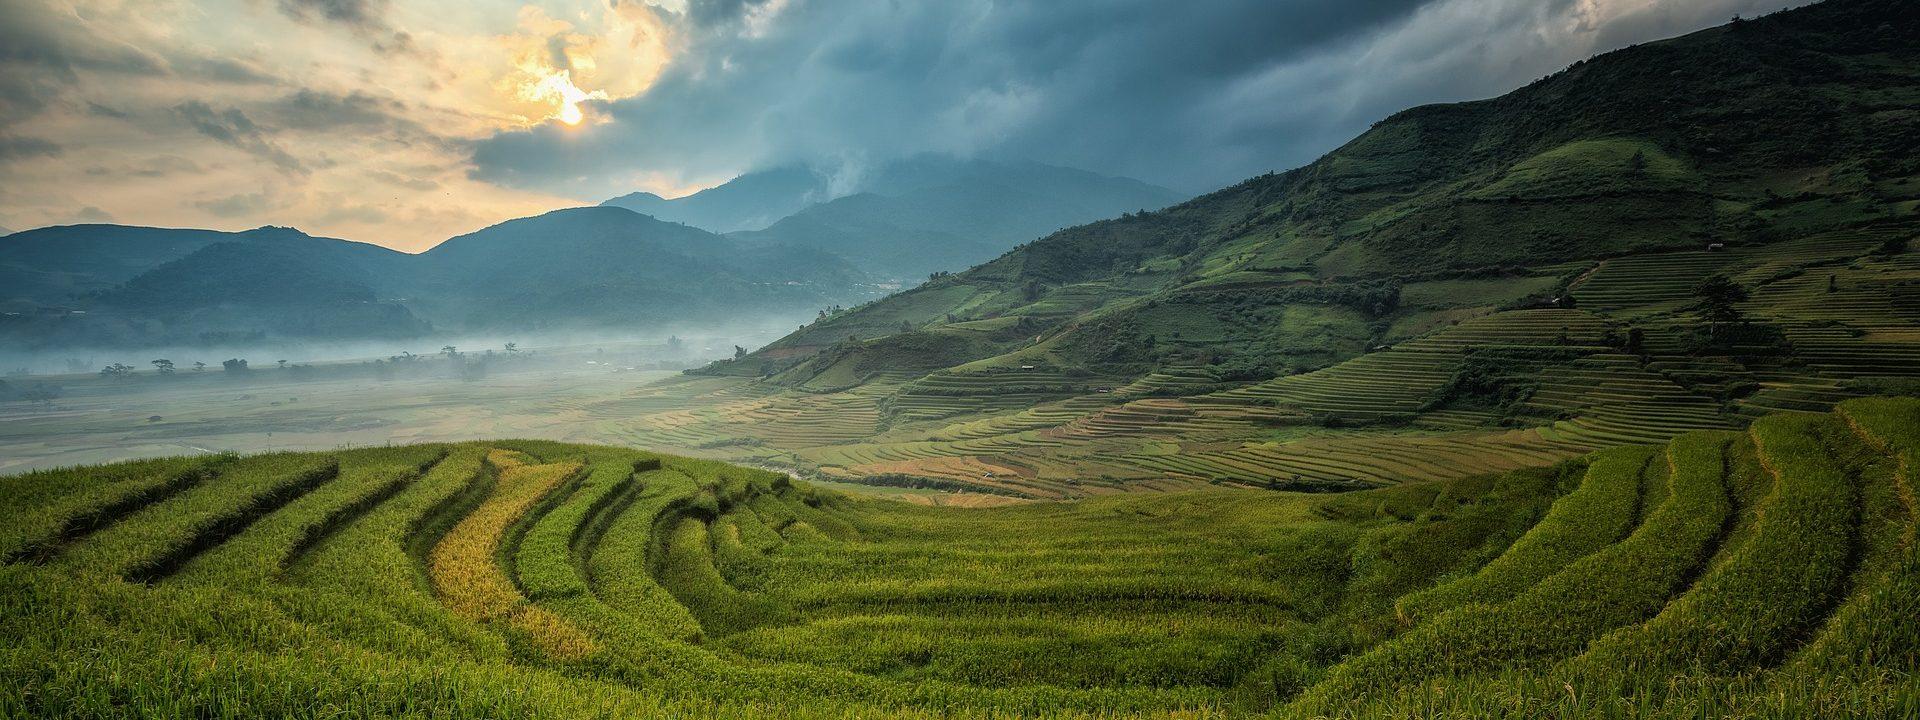 Felder in Asien